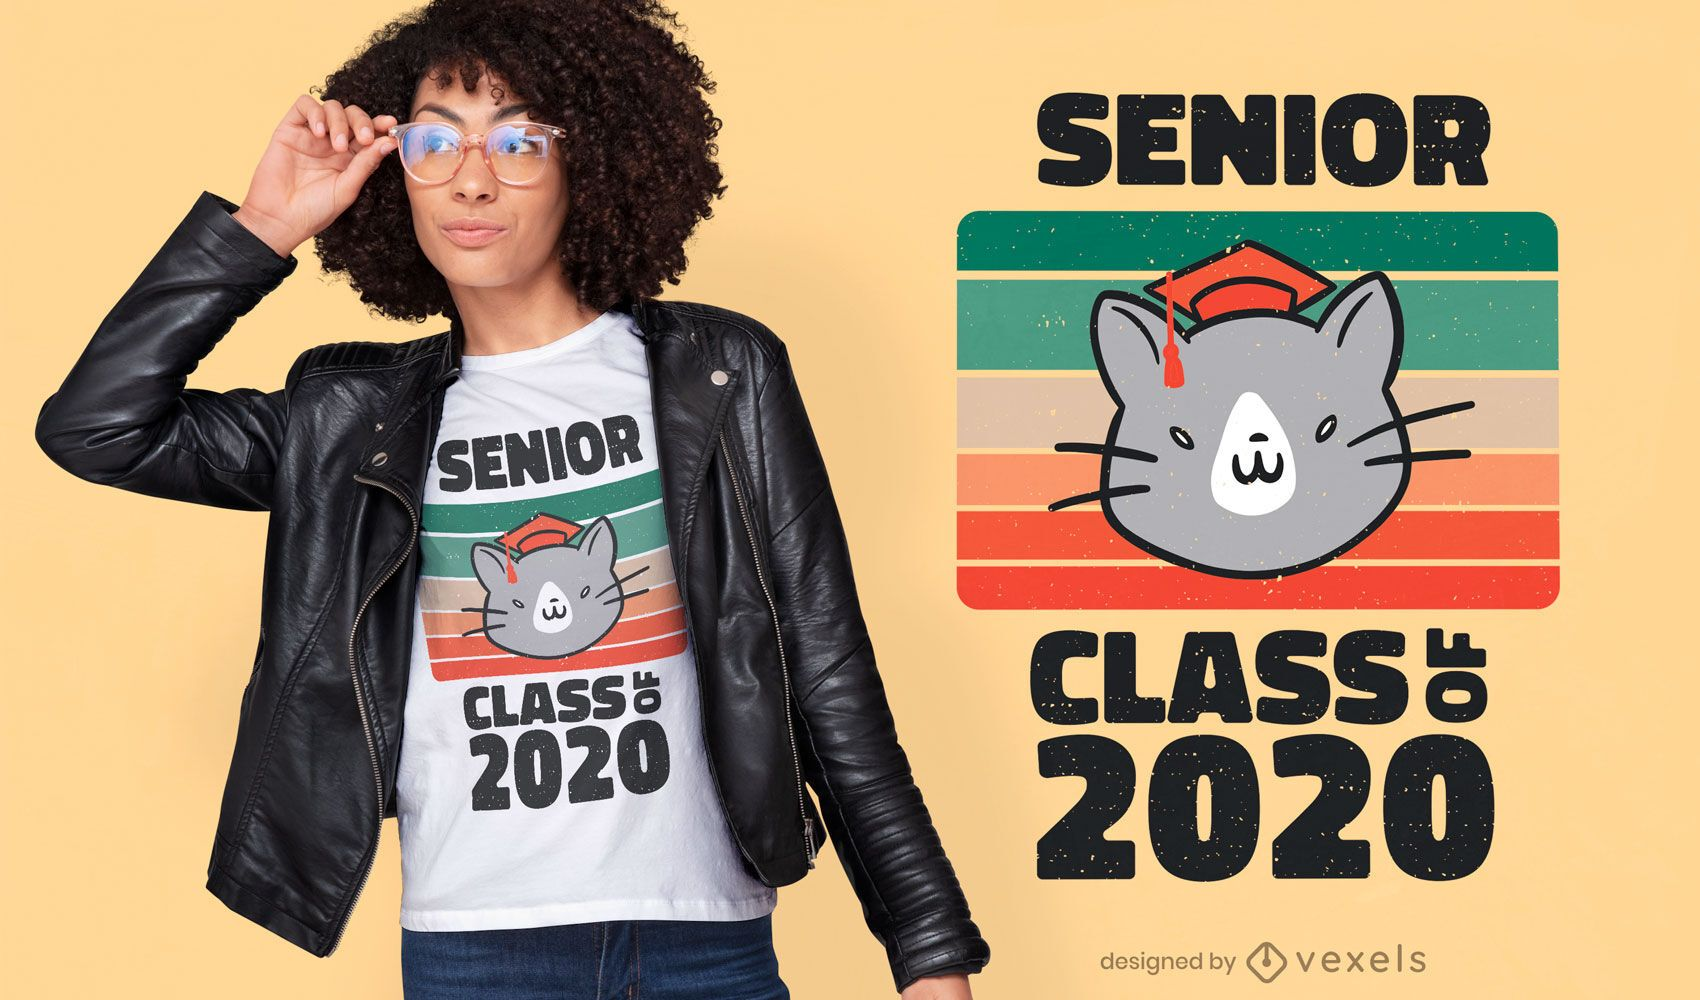 Senior class quote t-shirt design